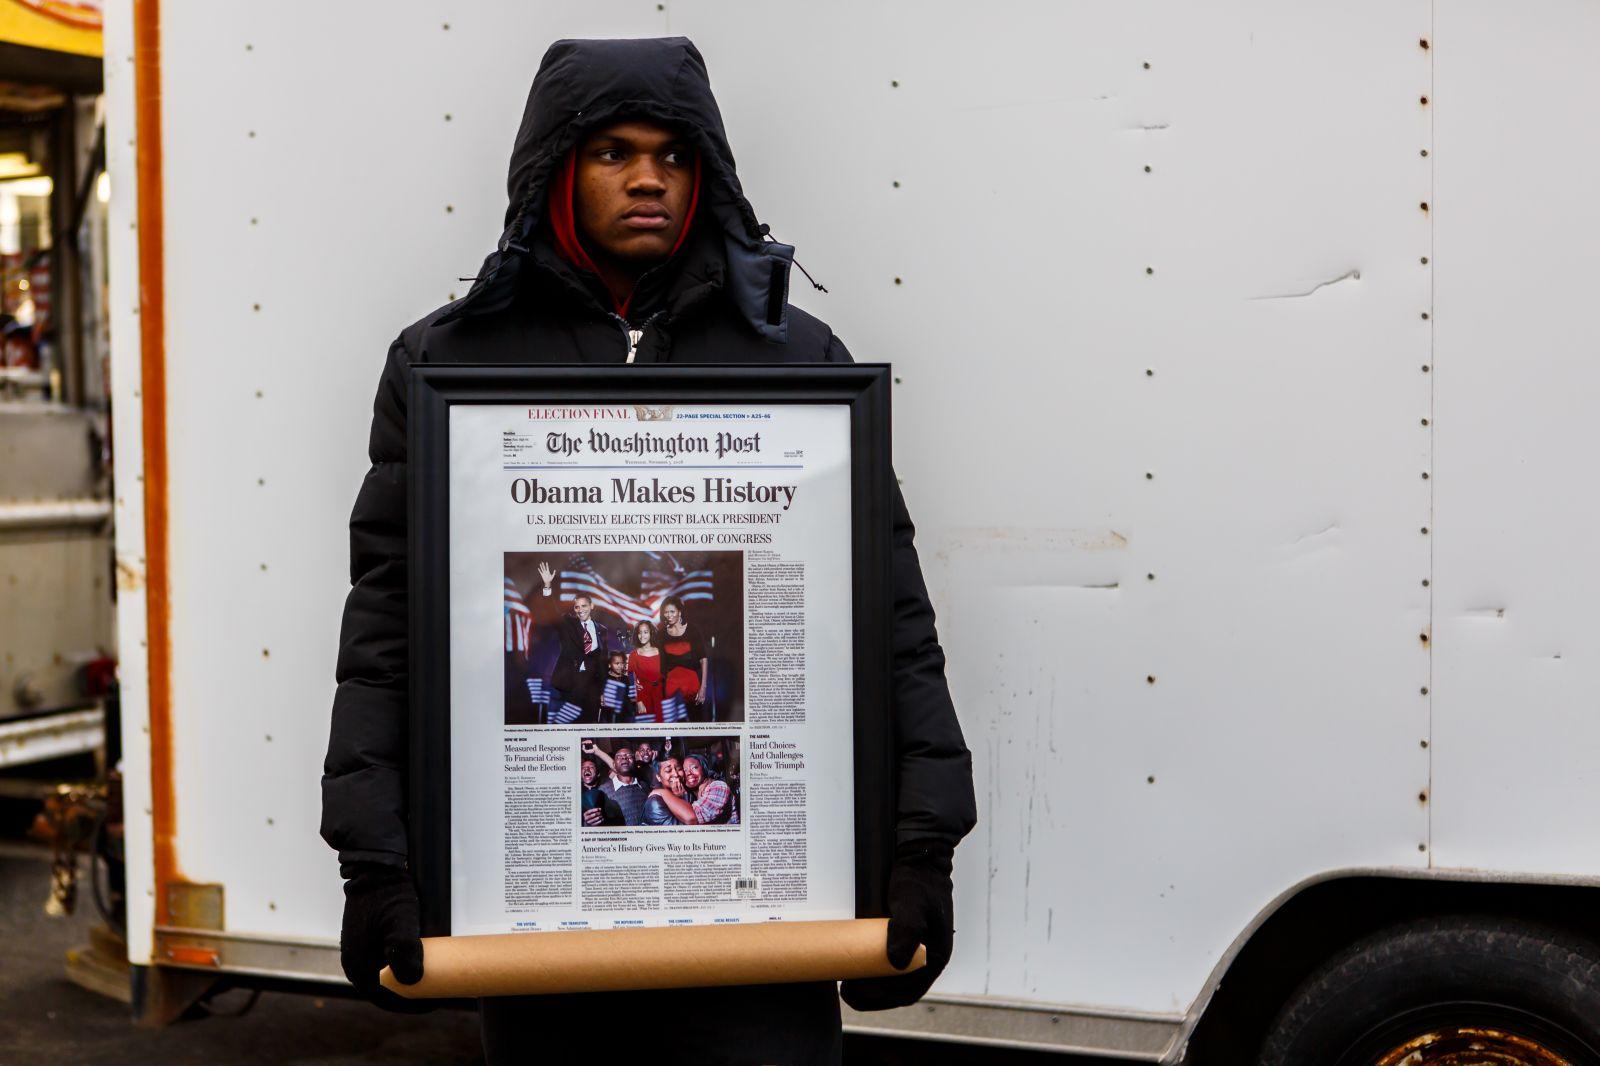 """מוכר עיתונים אמריקאי אוחז שער ממוסגר של ה""""וושינגטון פוסט"""", 21.1.13 (צילום: Chris Parypa Photography / Shutterstock)"""